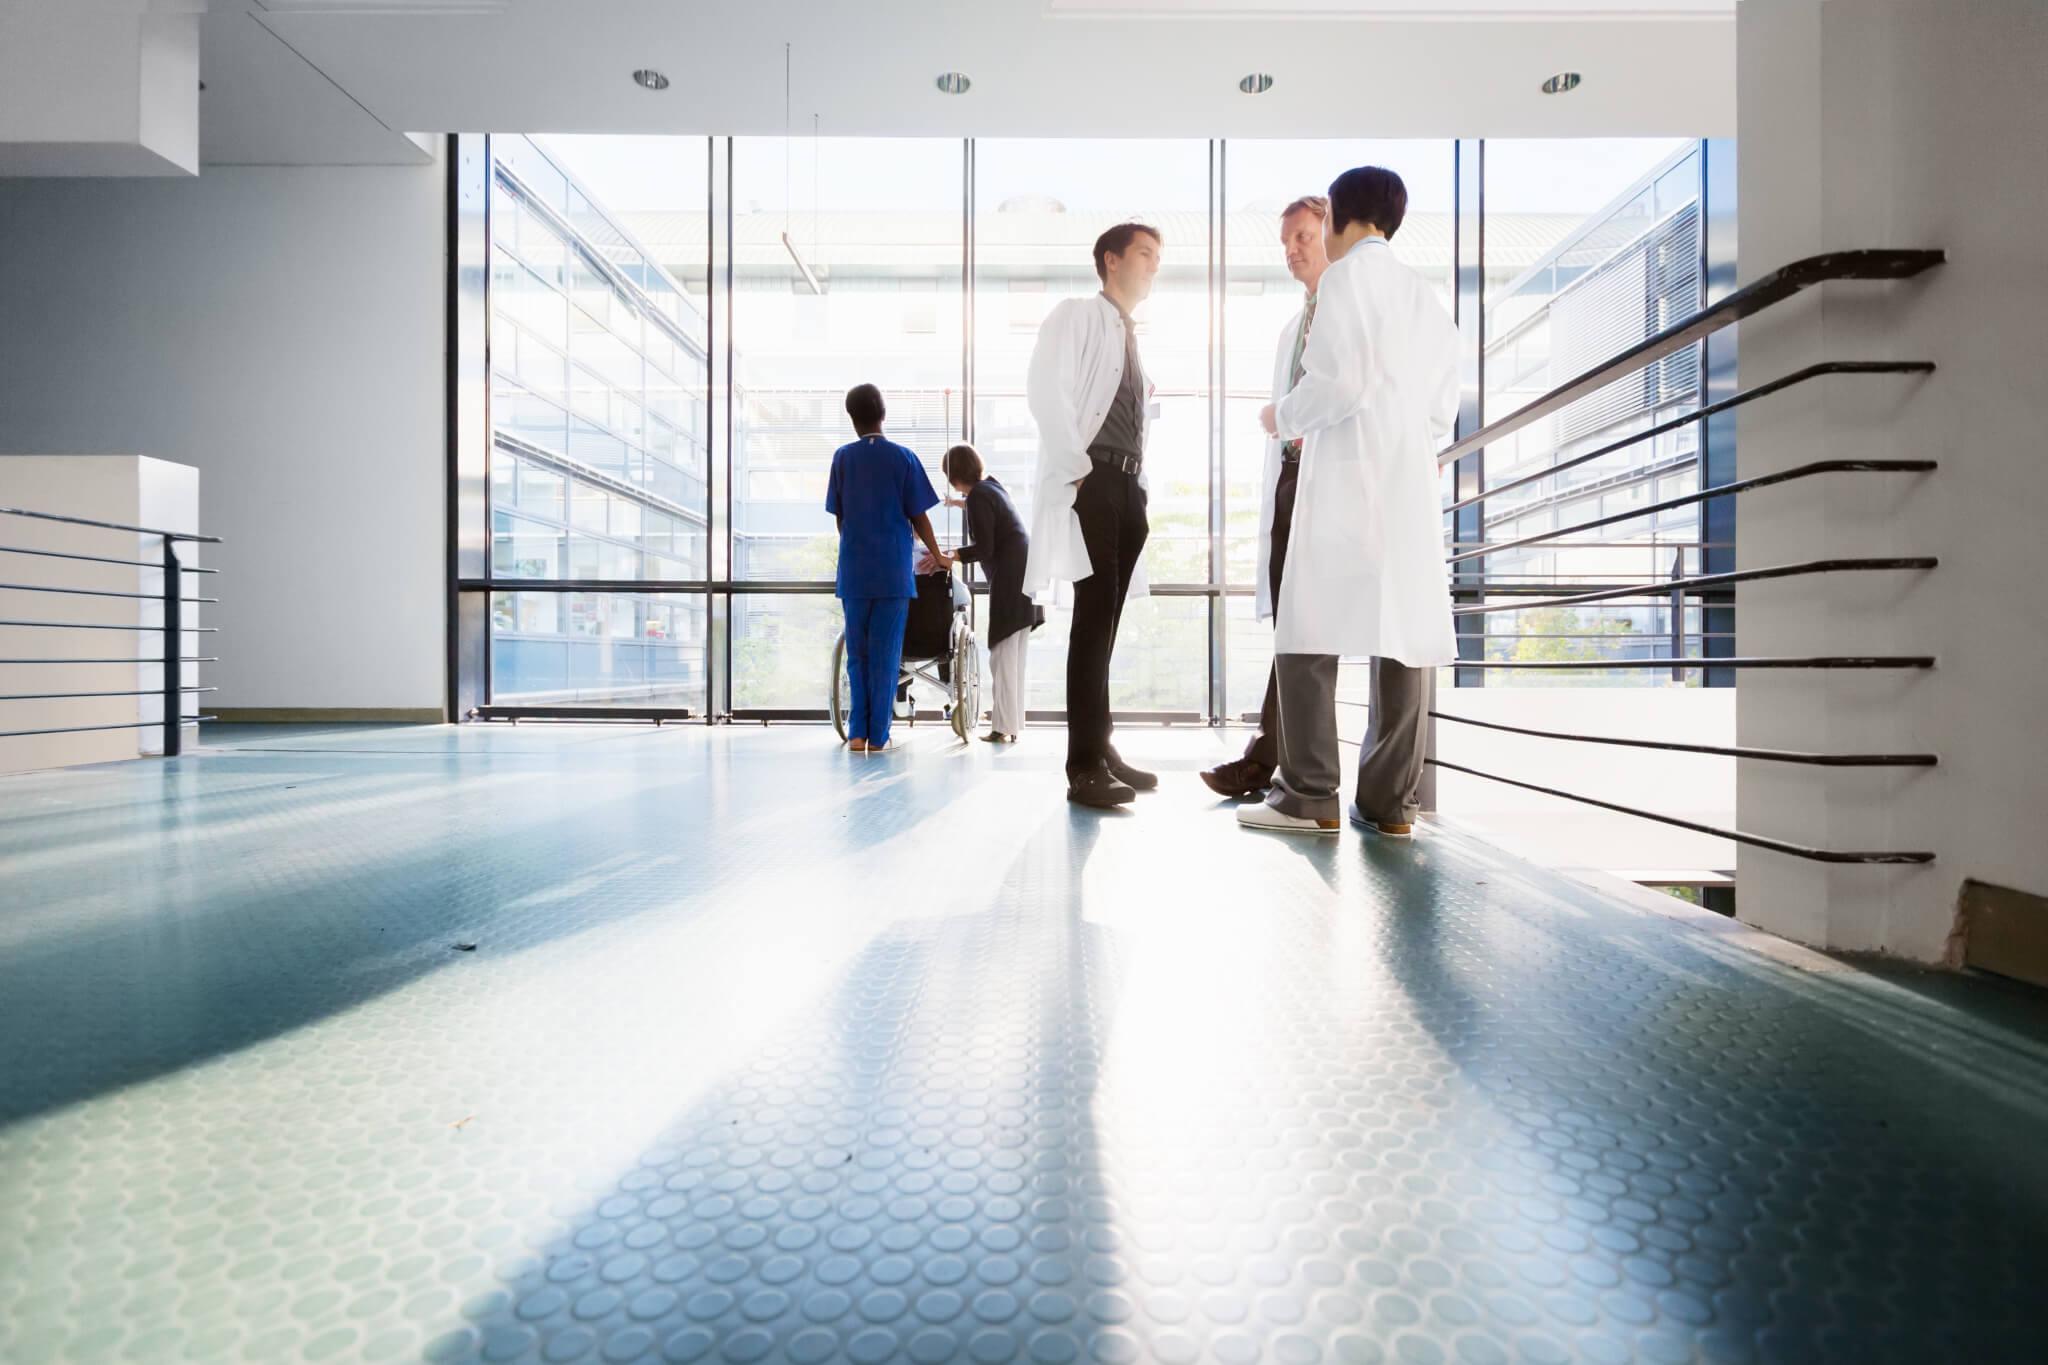 Das zahnmedizinische Versorgungszentrum – Fluch oder Segen?